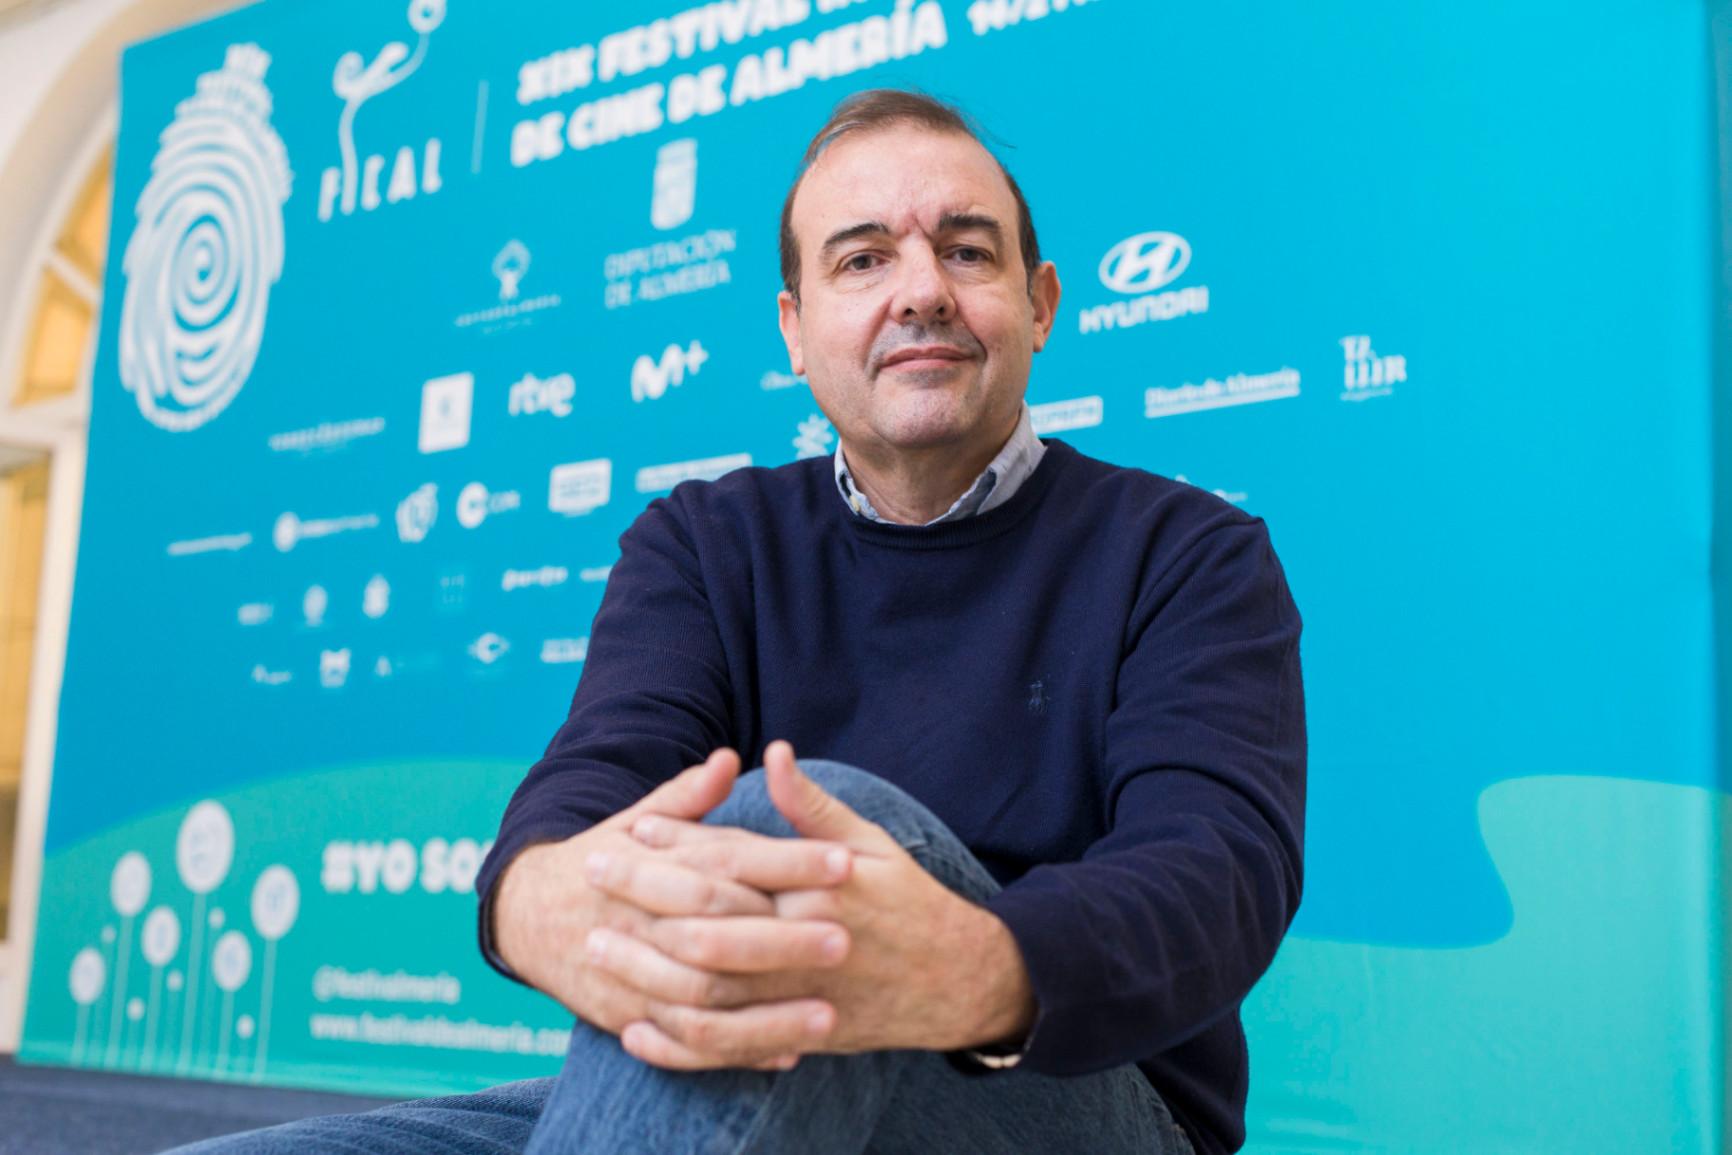 Enrique Iznaola Gómez